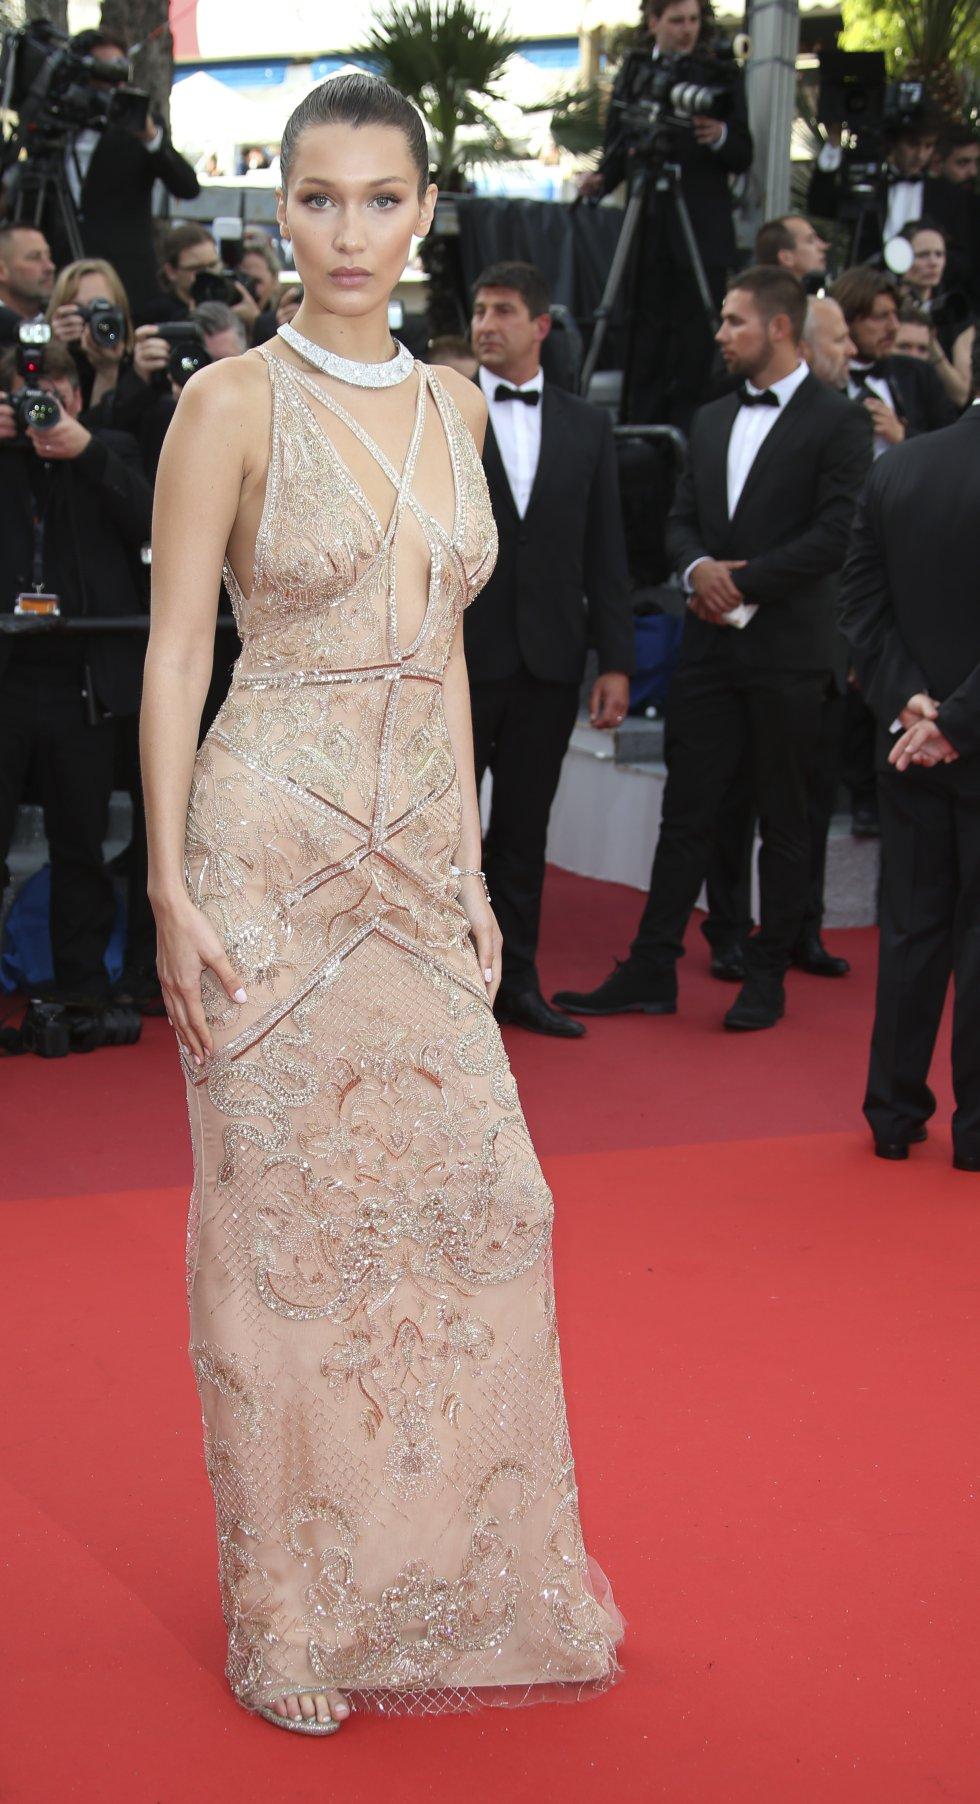 La modelo estadoundiense Bella Hadid se robó todas las miradas a su llegada a la ceremonia de inicio de la edición número 69 del Festival.